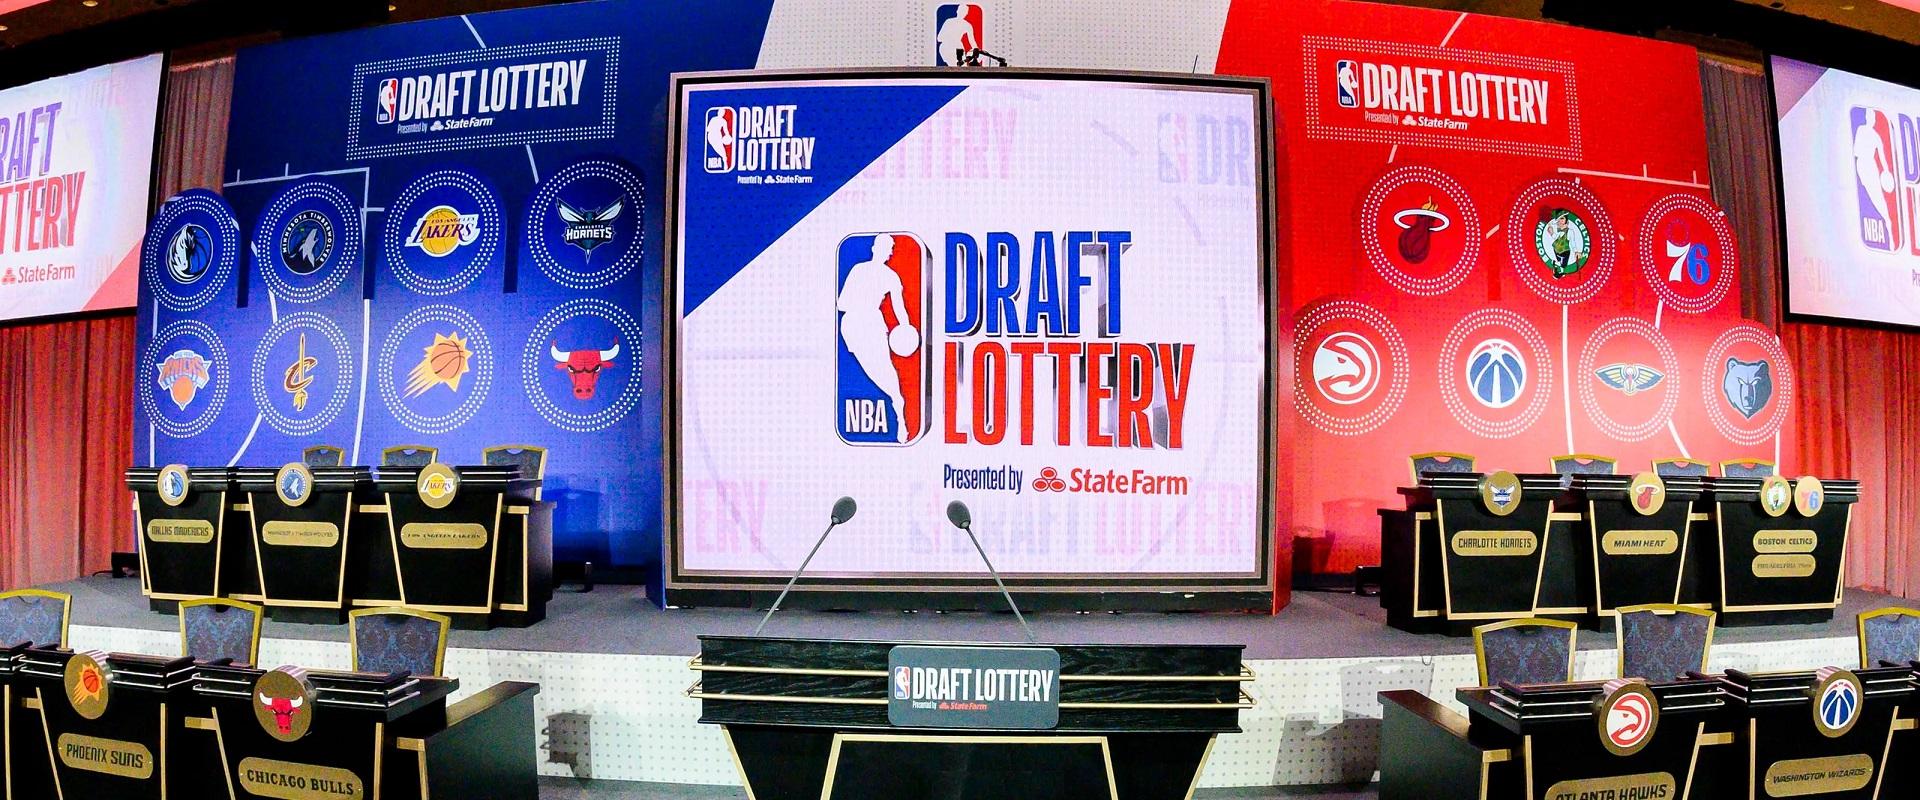 DRAFT 2021 DA NBA TELEVISIONADO E AO VIVO